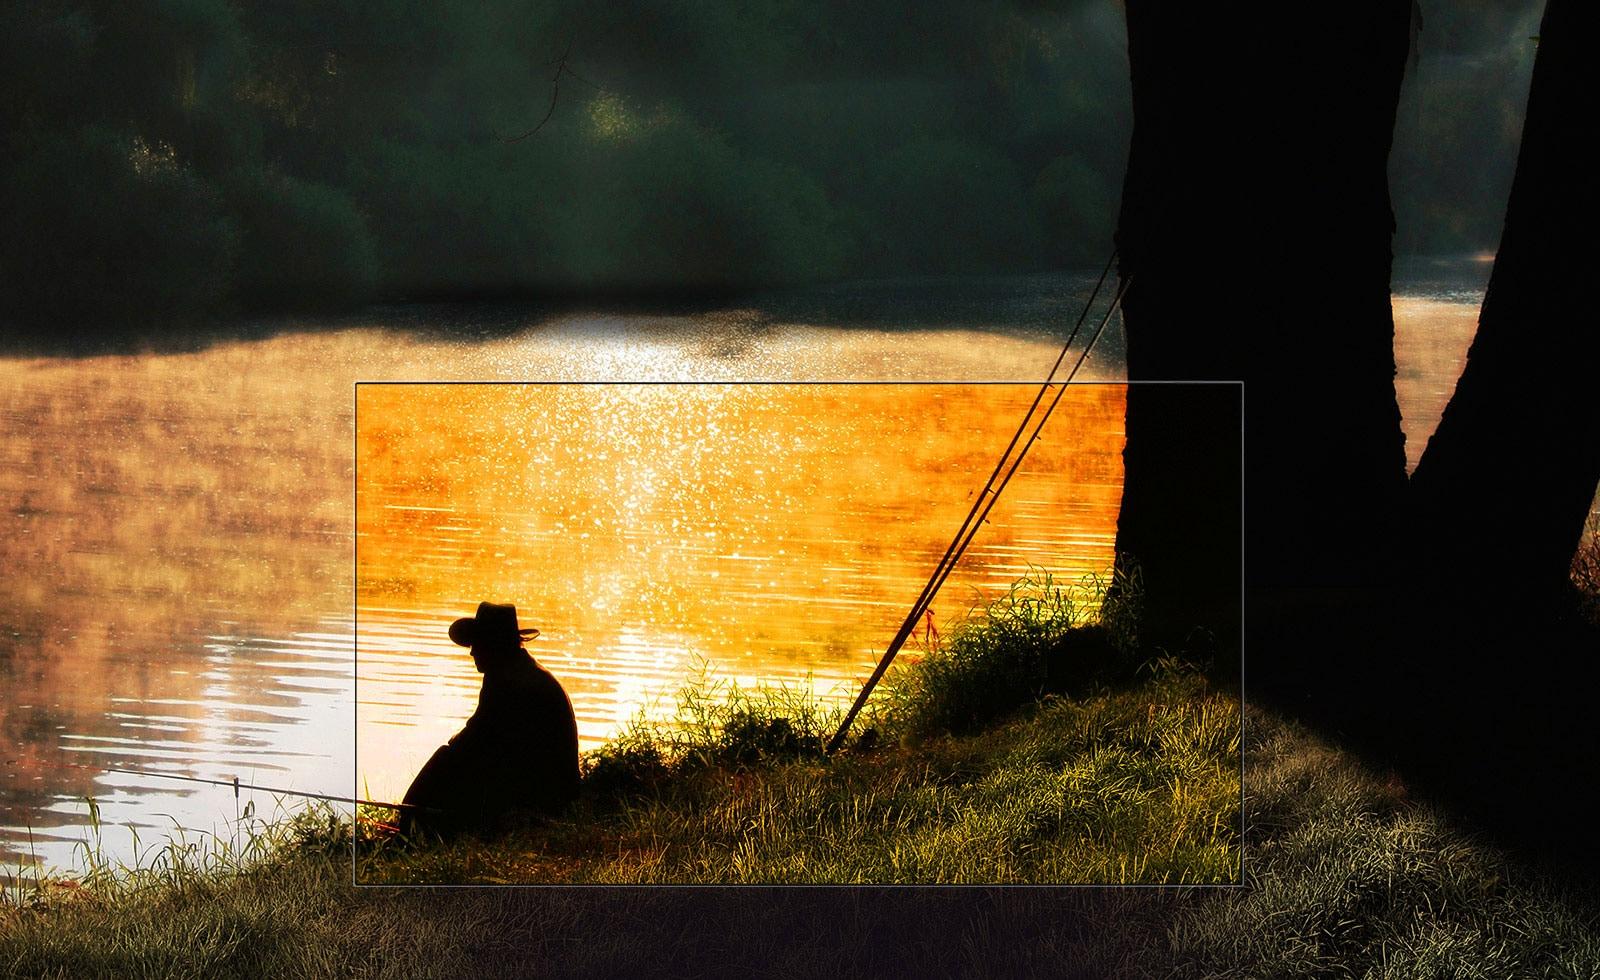 LG OLED TV เปลี่ยนห้องคุณเป็นโรงภาพยนตร์